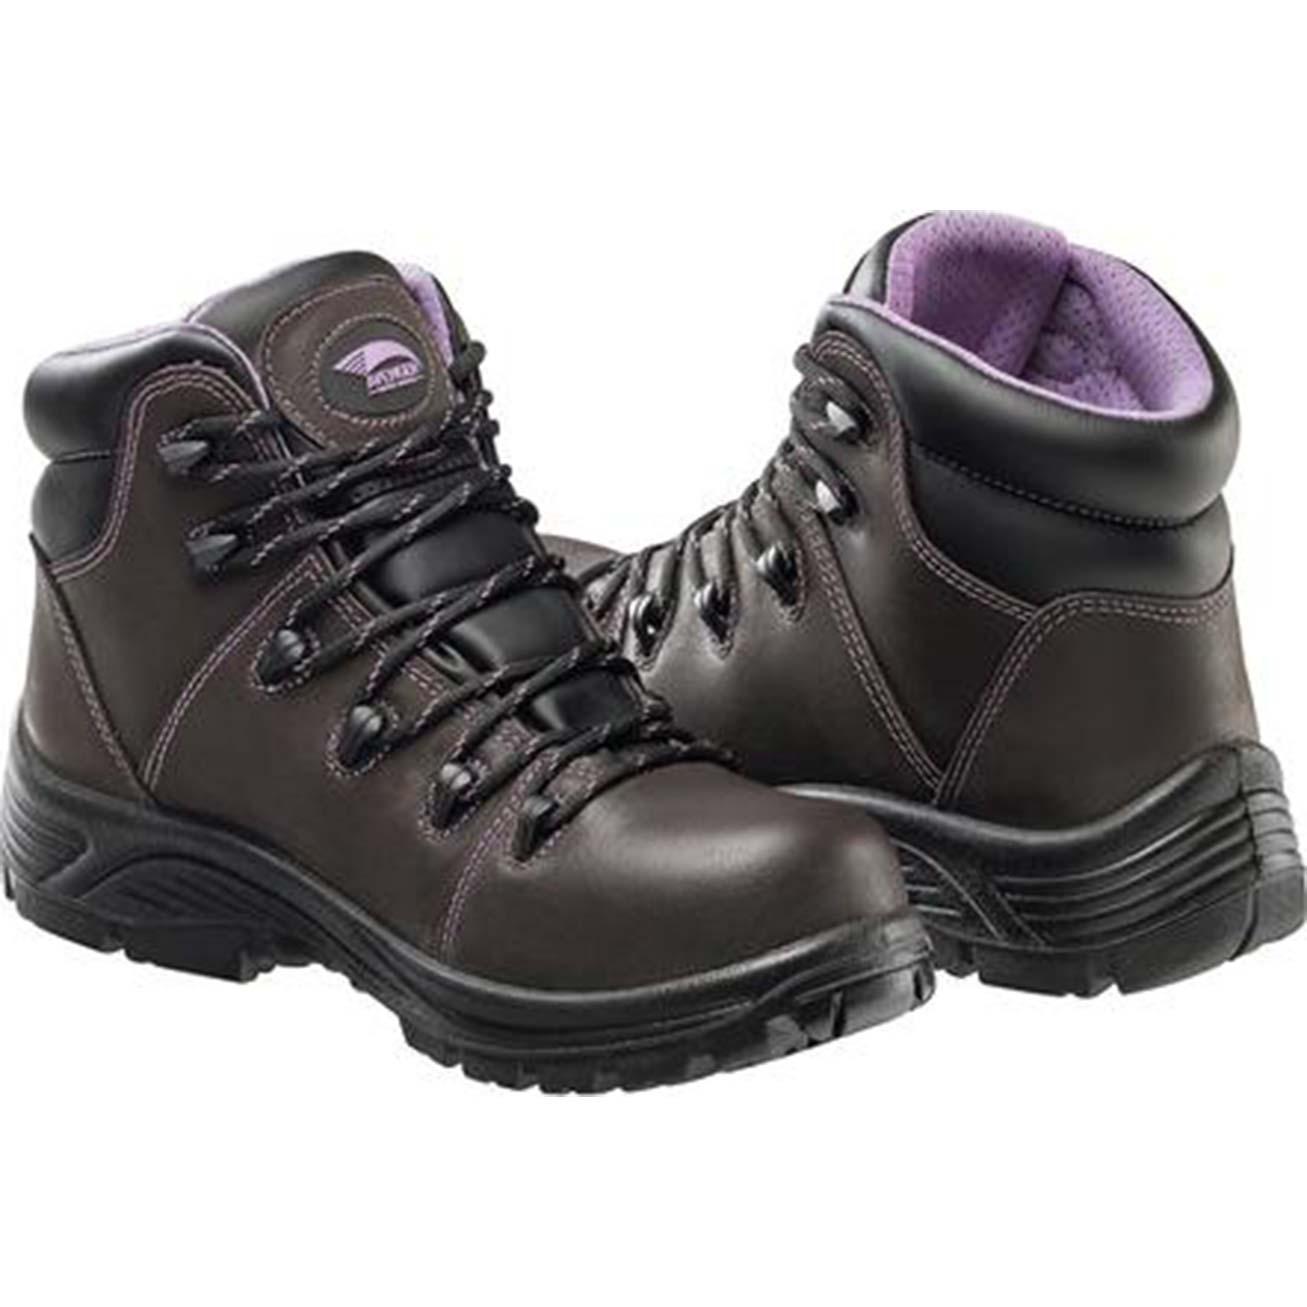 6aa02899766 Avenger Women s Composite Toe Puncture-Resistant Waterproof Work ...